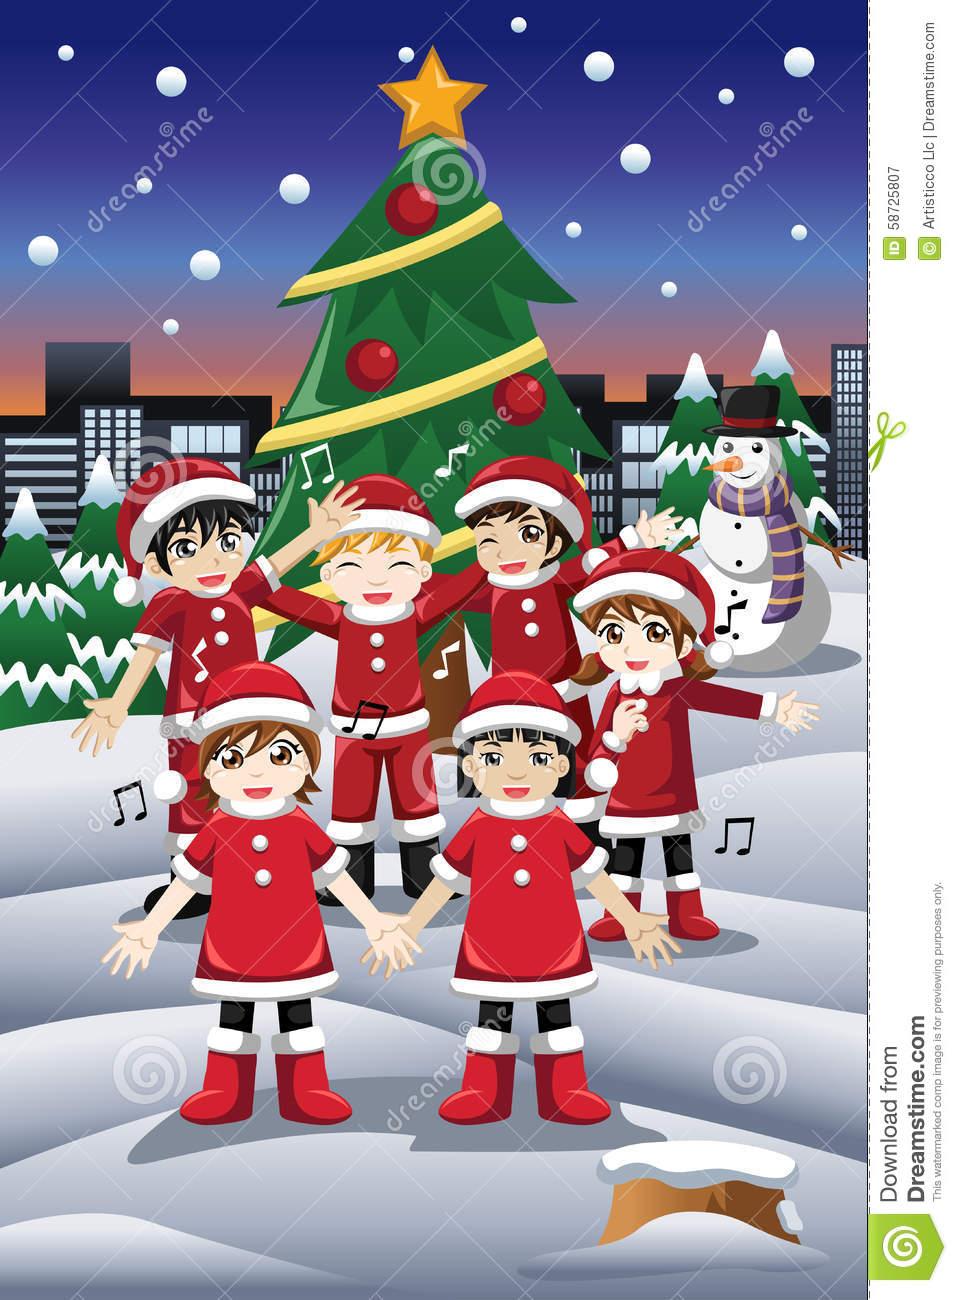 Enfants chantant des chants de noel 58725807